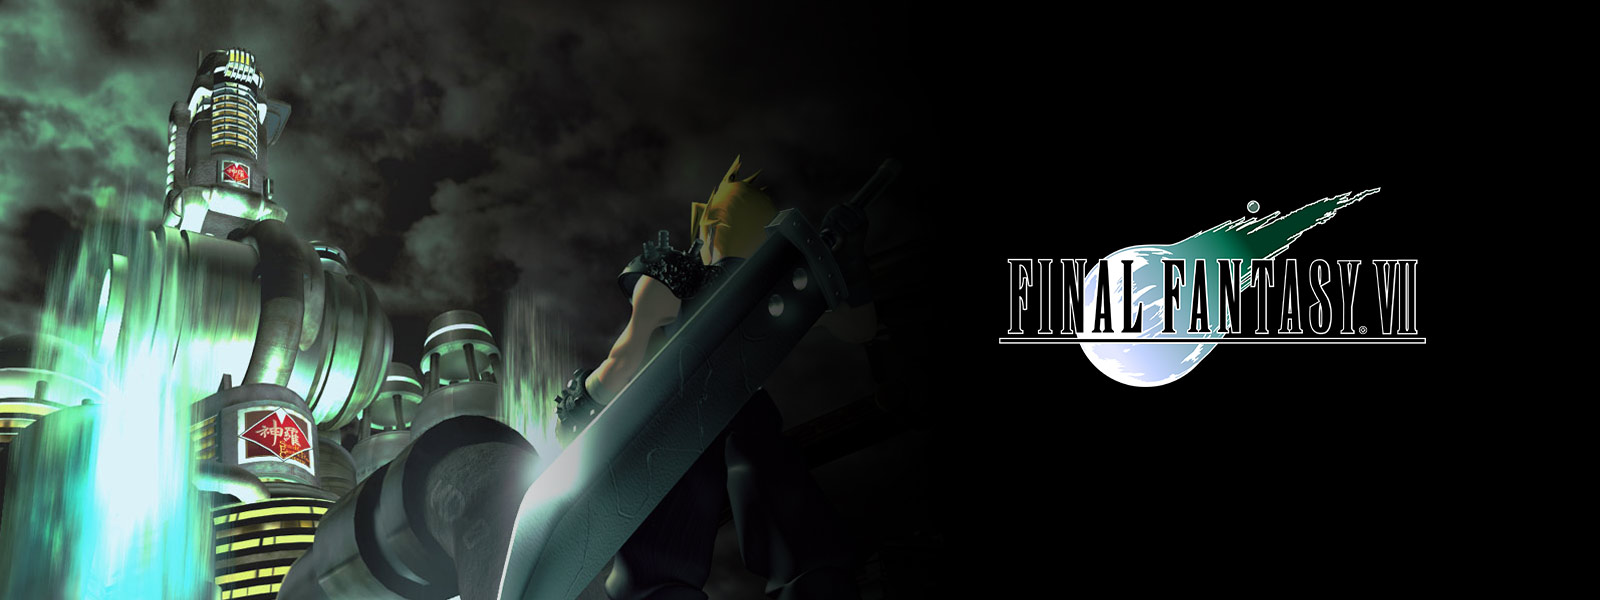 Cloud Strife, el protagonista de FINAL FANTASY VII, lleva una espada gigante en su espalda